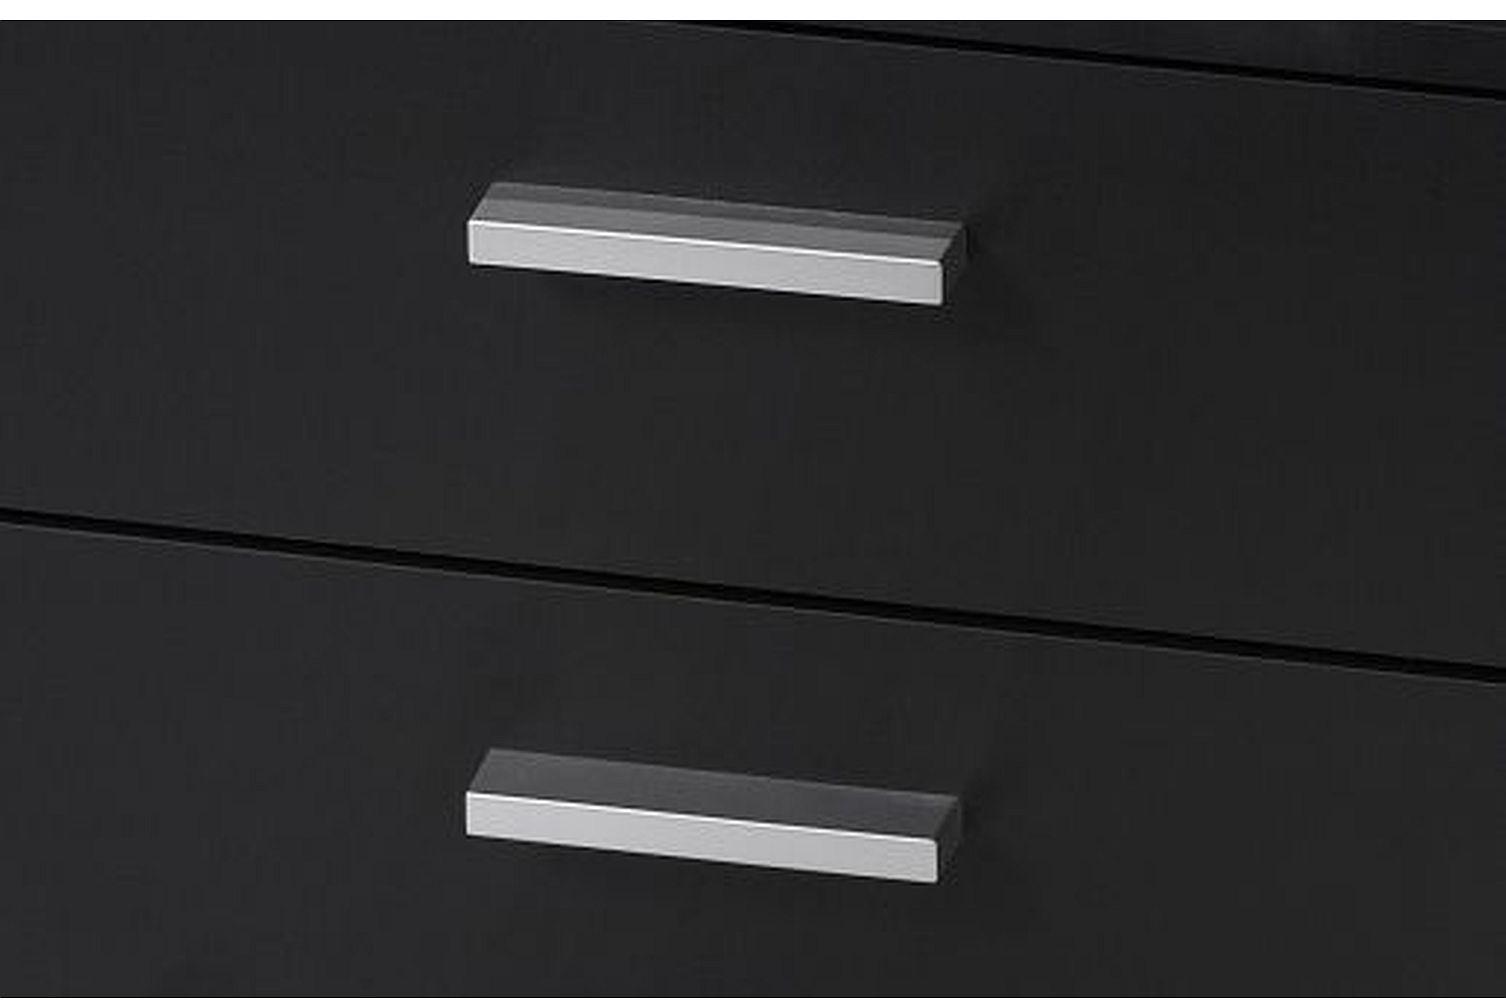 Nachtschrank nachttische tisch kommode nachtkonsole neu schwarz ebay - Kommode schwarz matt ...